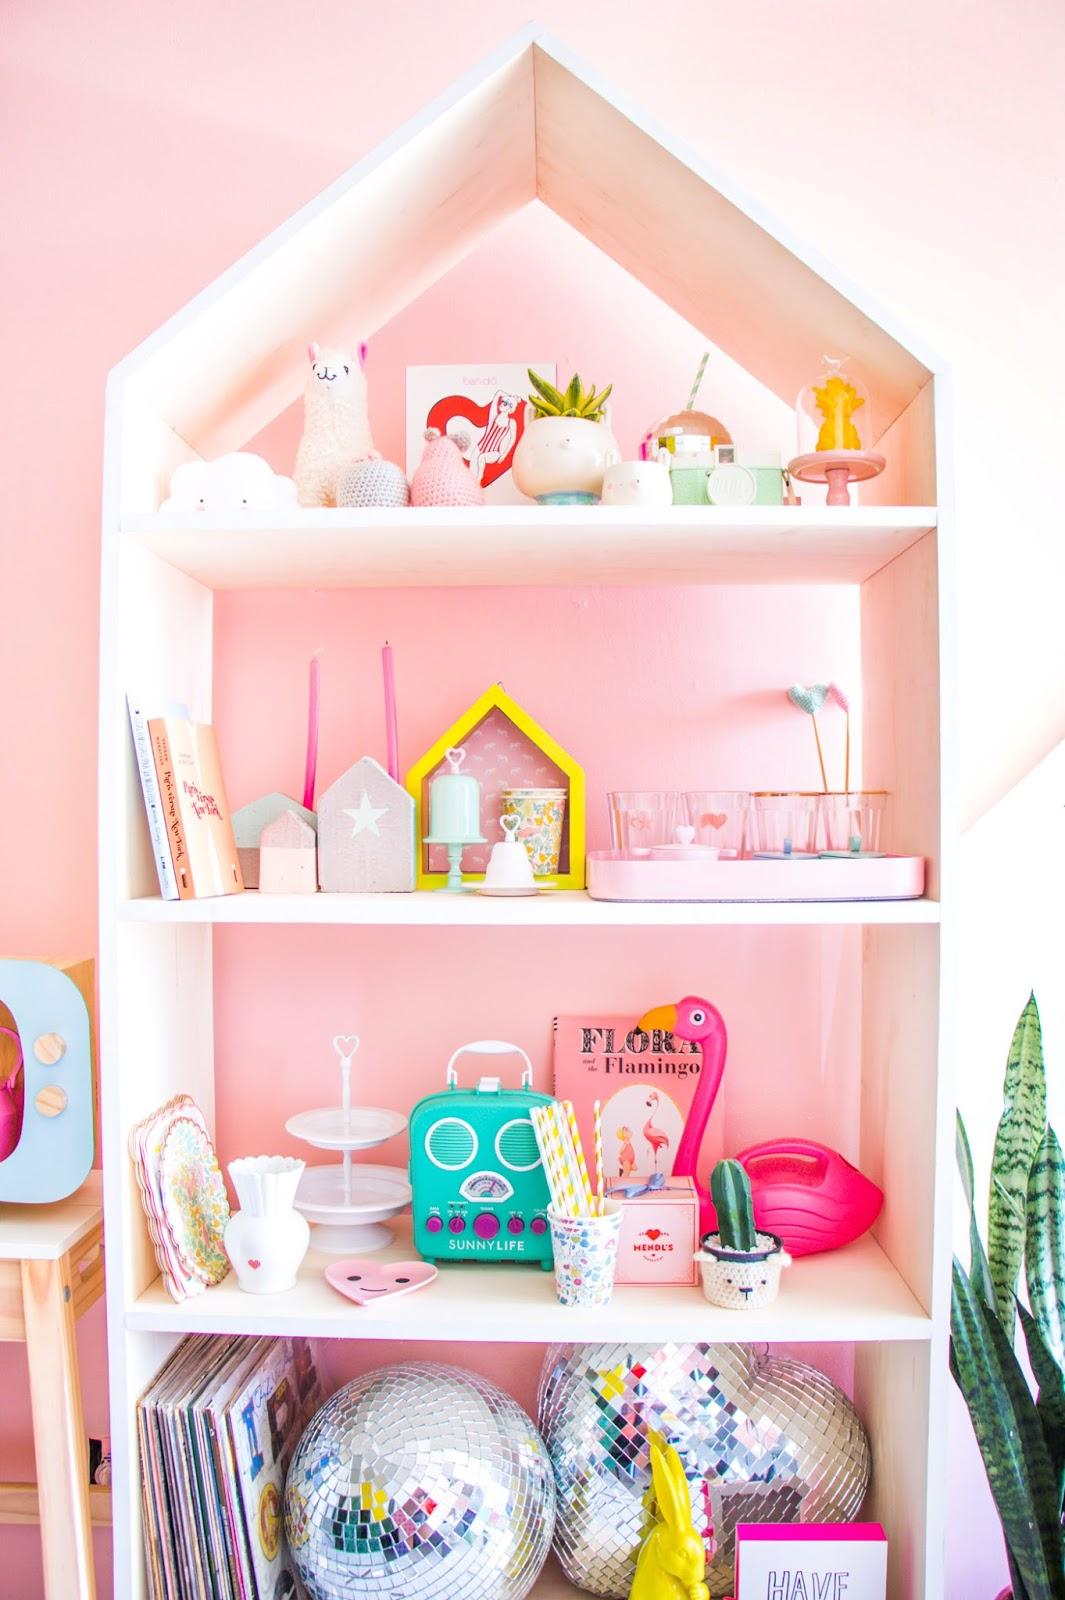 apartamento pequeno parede rosa estante fofa casinha discoball